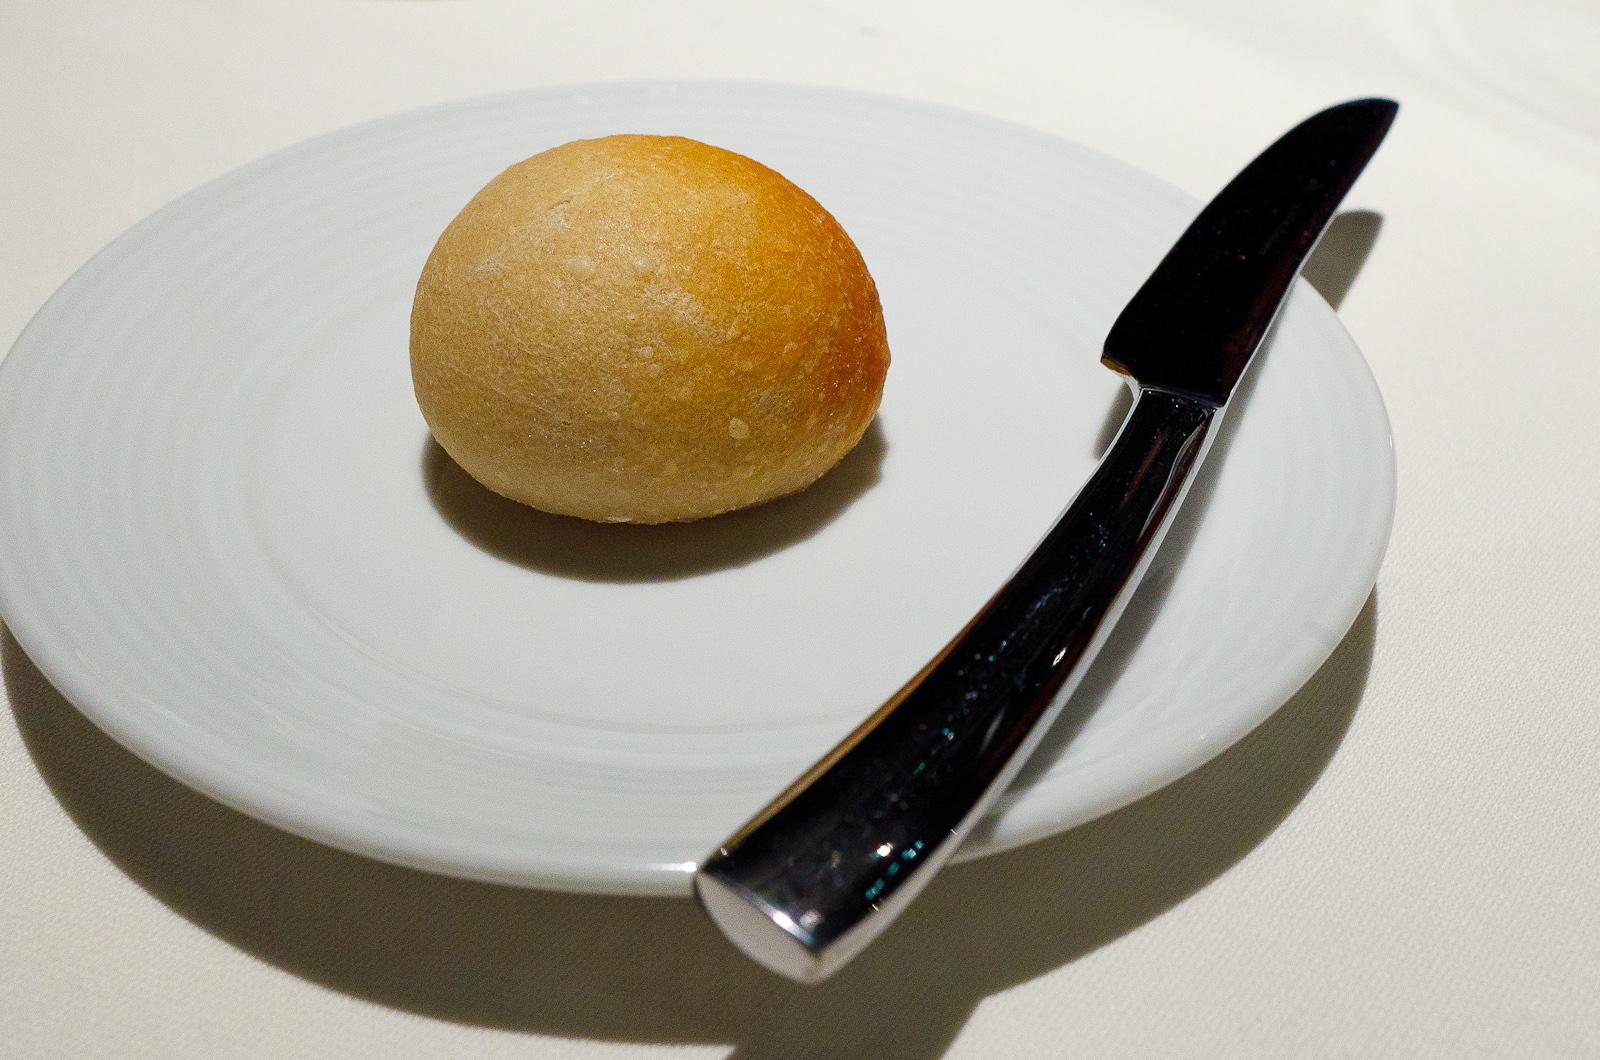 Le pain au beurre frais